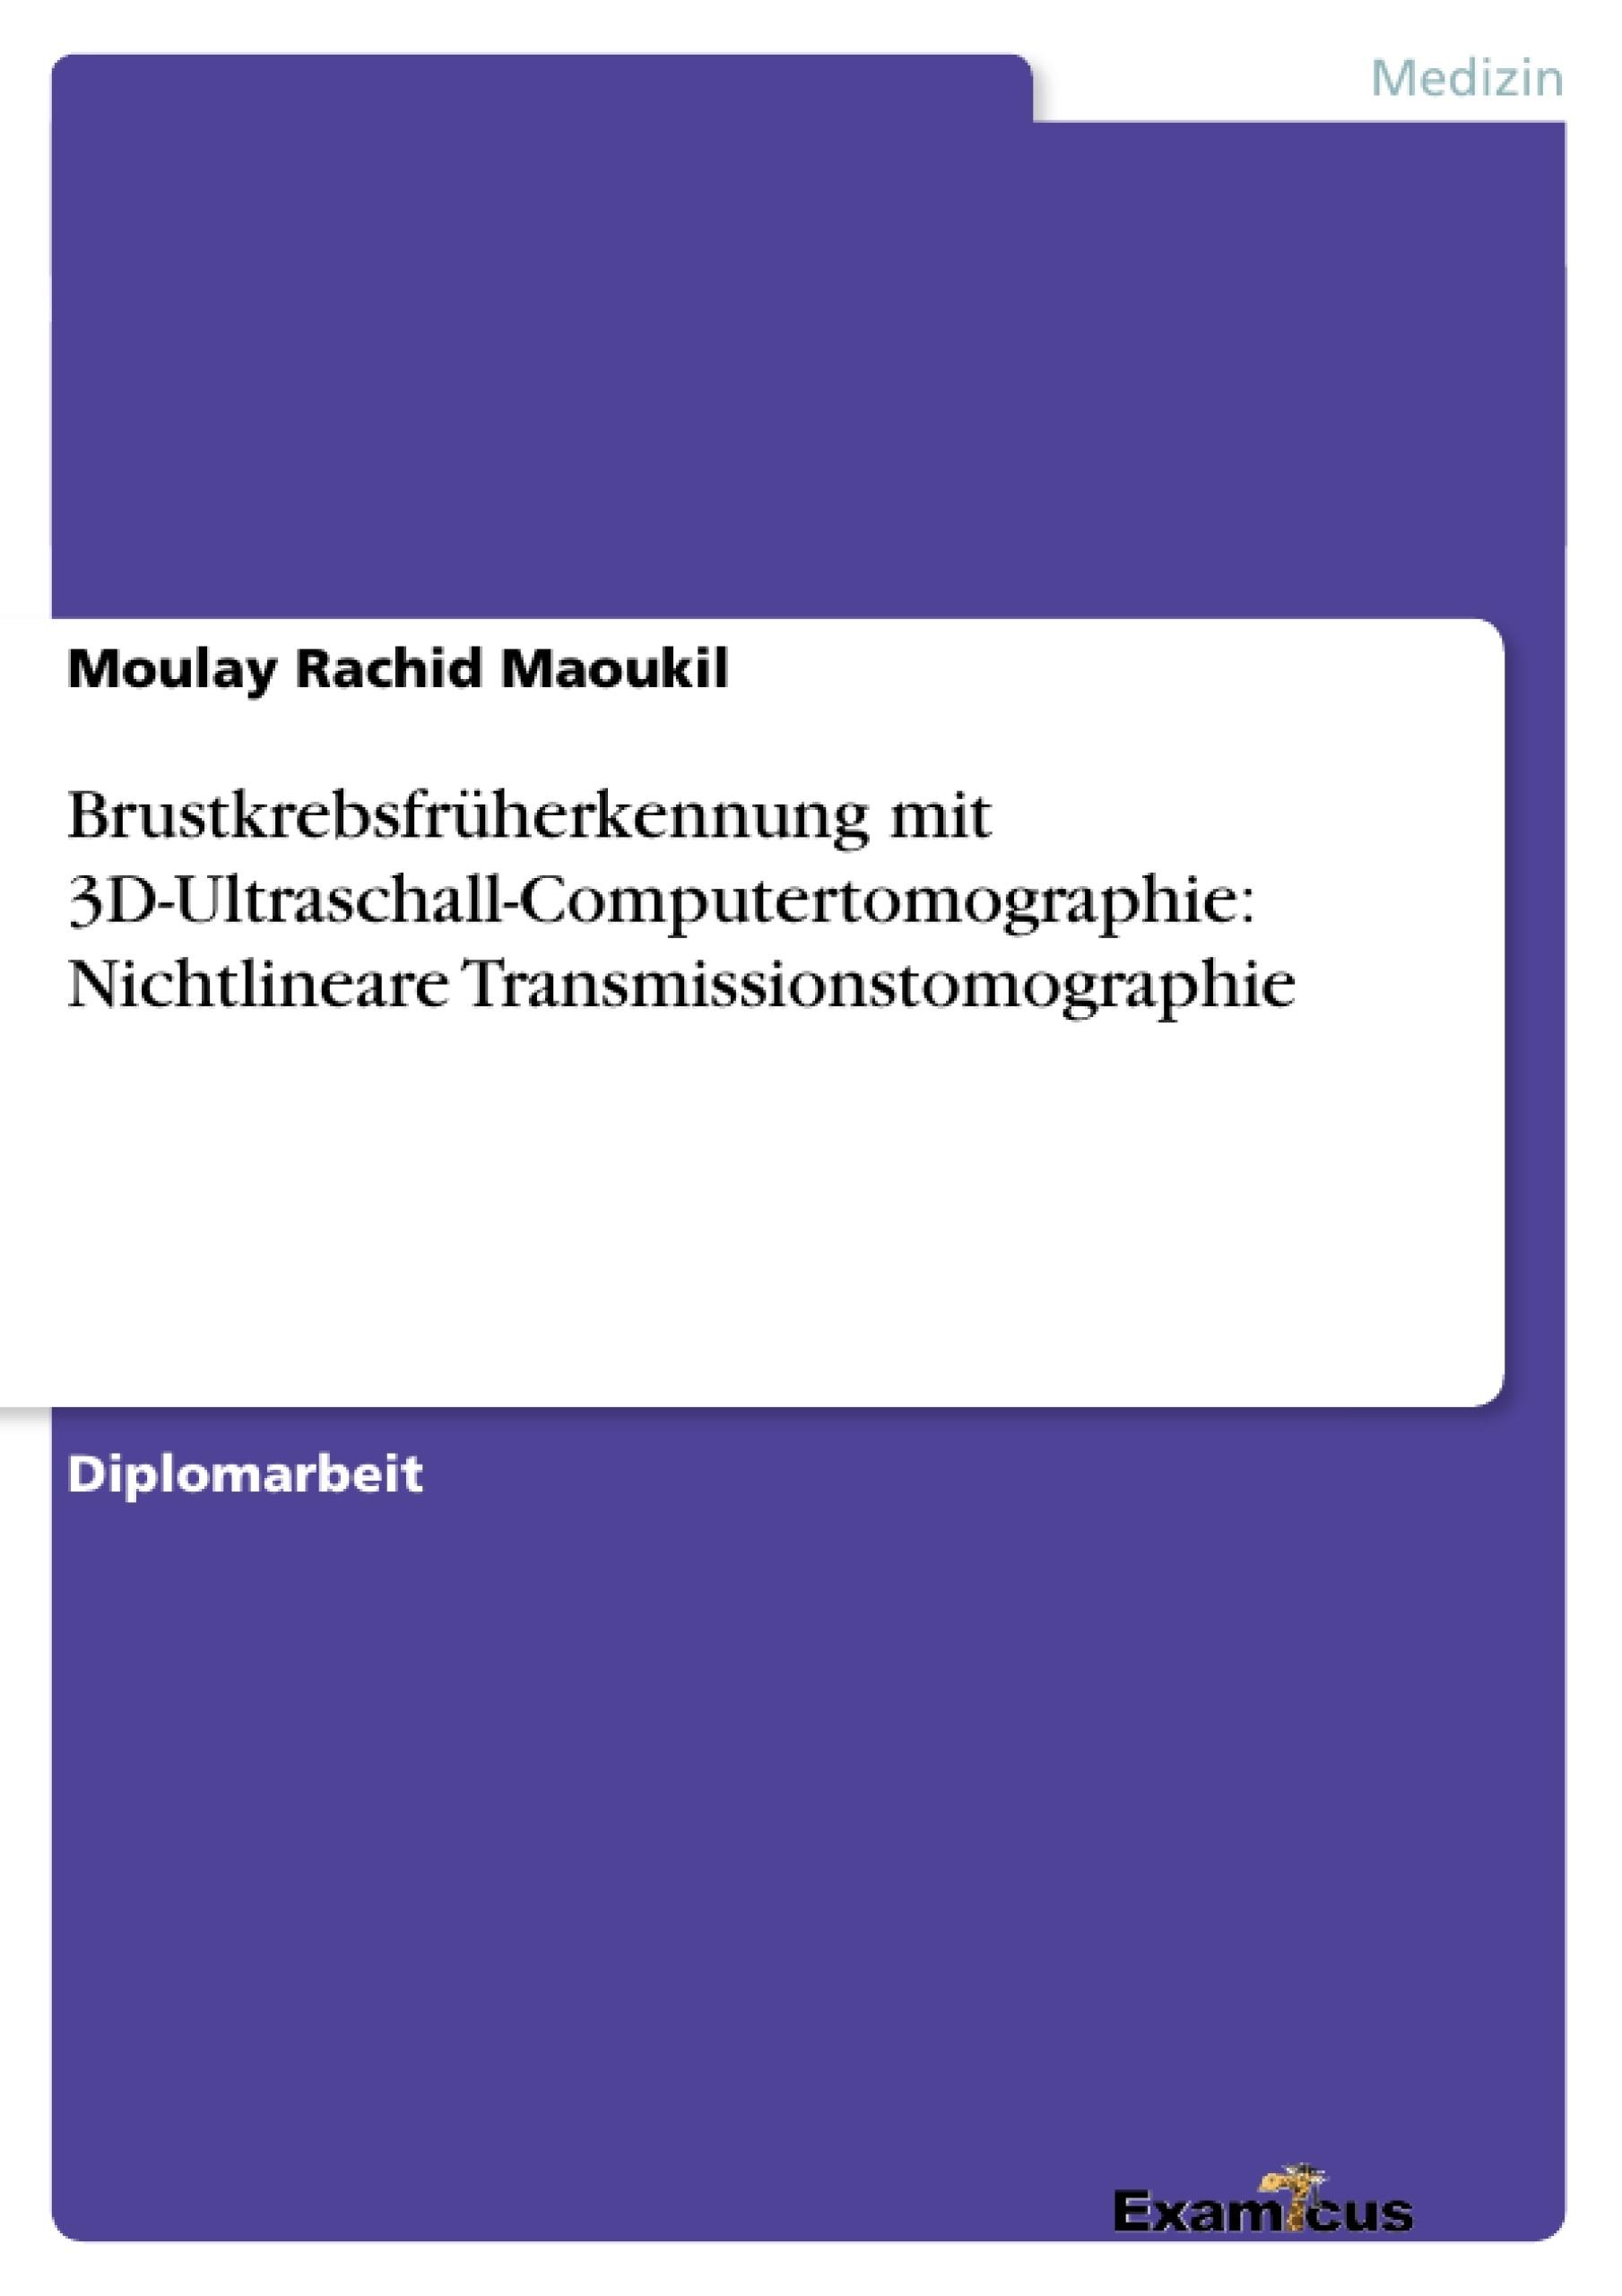 Titel: Brustkrebsfrüherkennung mit 3D-Ultraschall-Computertomographie: Nichtlineare Transmissionstomographie